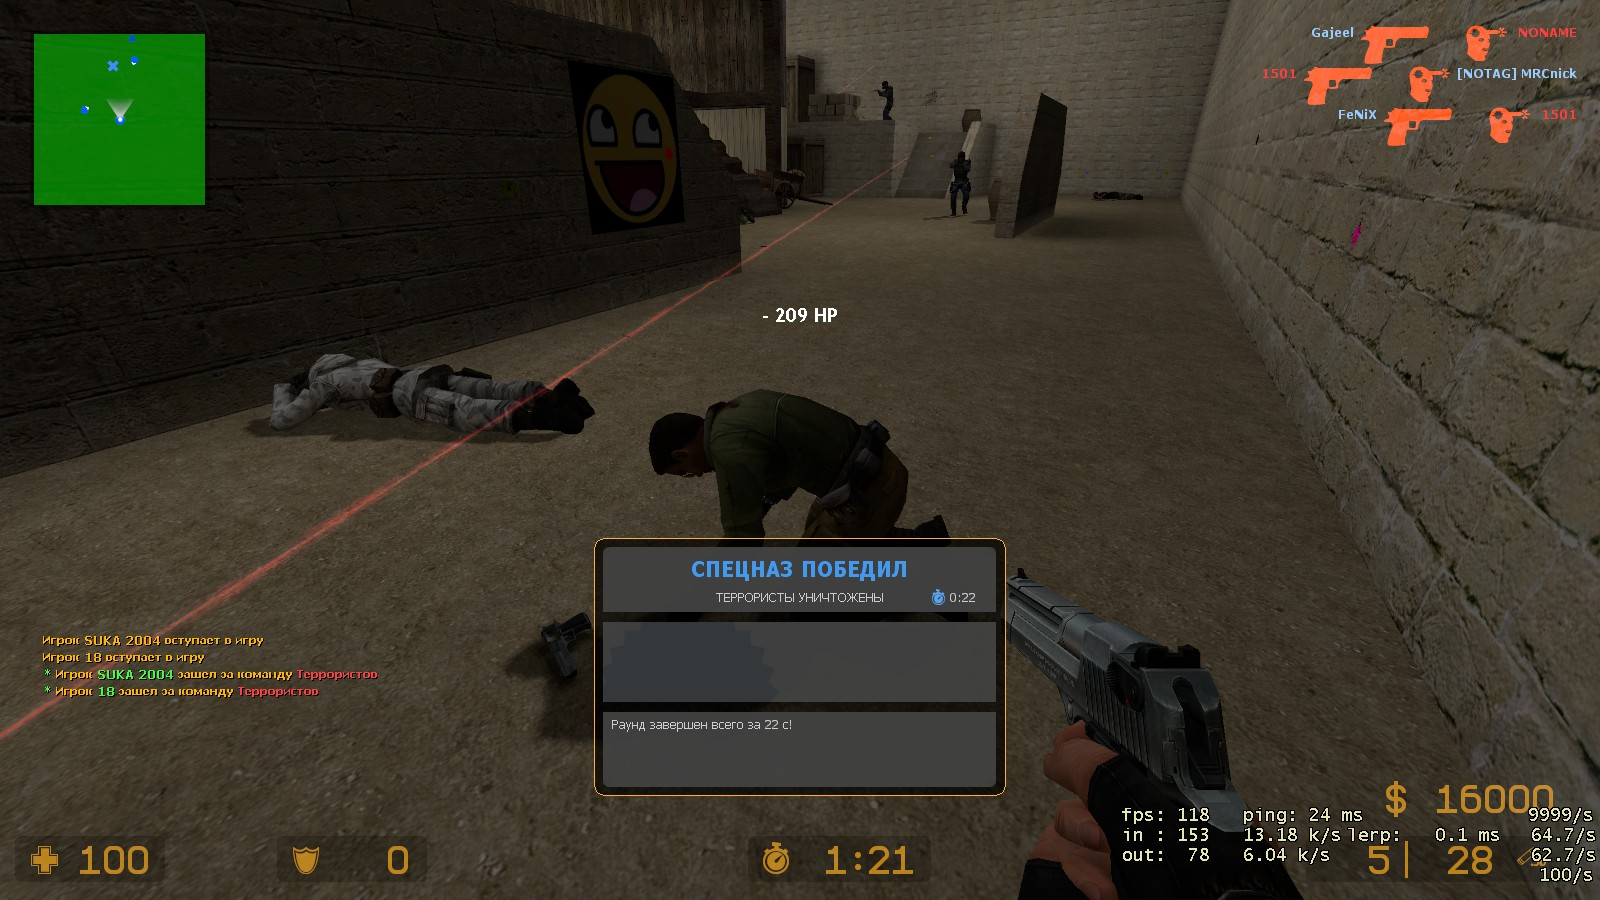 aim_deagle_crap70002.jpg